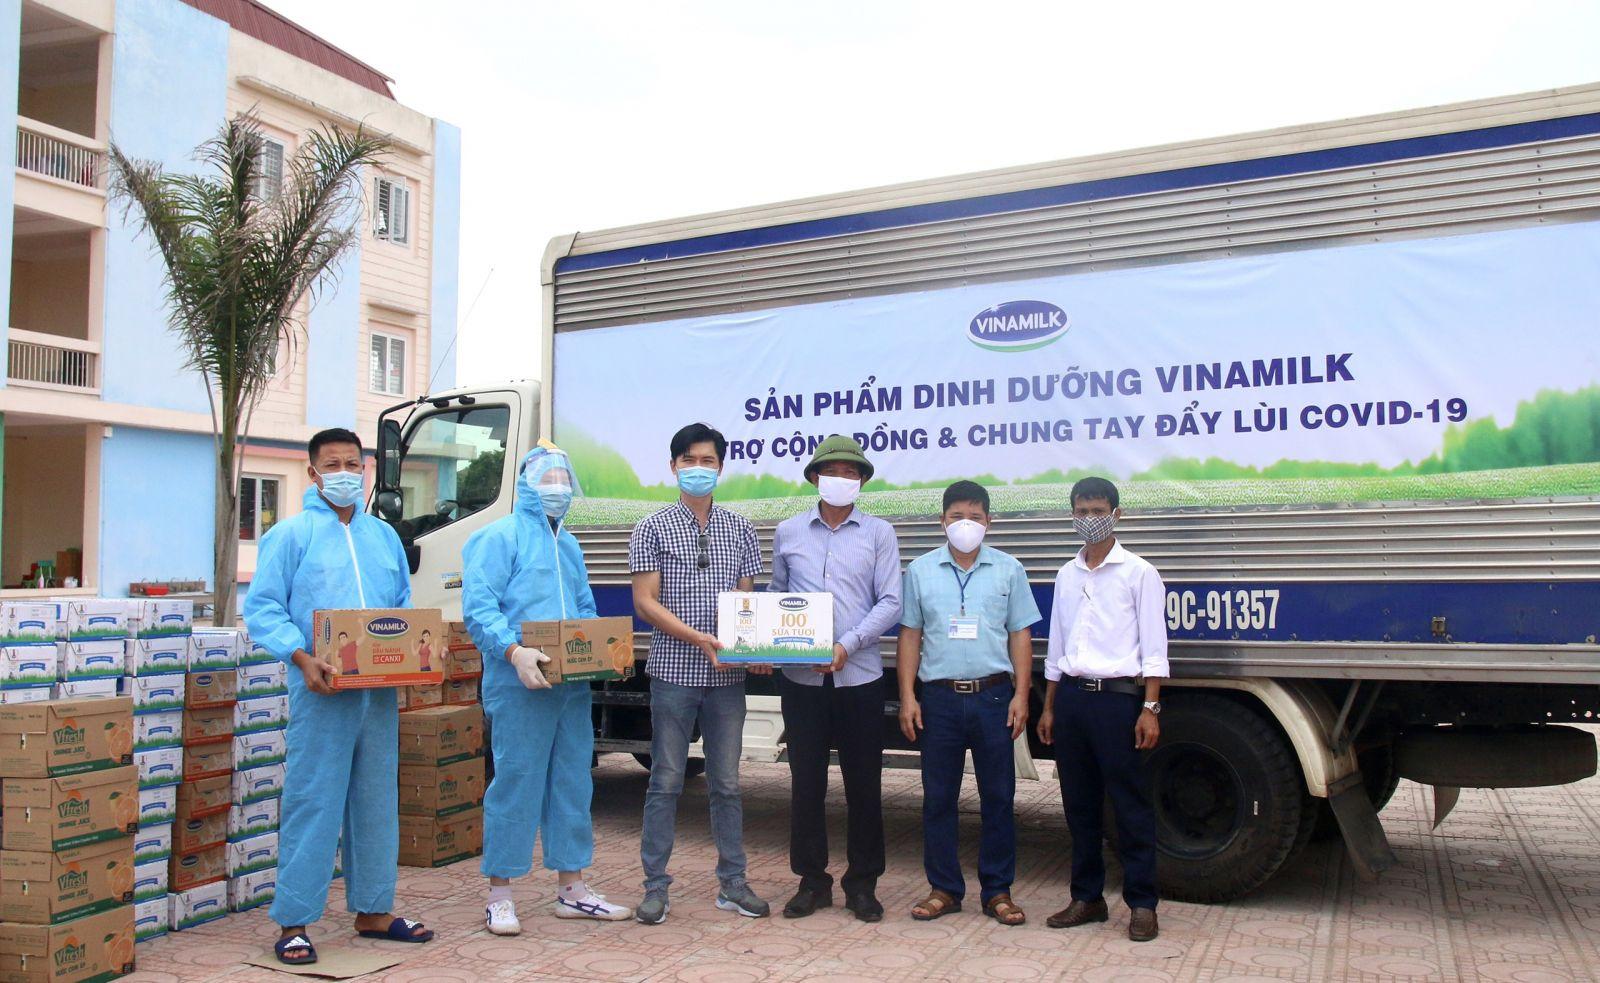 Tính đến nay, Vinamilk đã dành ra hơn 85 tỷ đồng gồm tiền mặt và sản phẩm để hỗ trợ cộng đồng, tiếp sức tiếp đầu và đồng hành cùng Chính phủ chống dịch